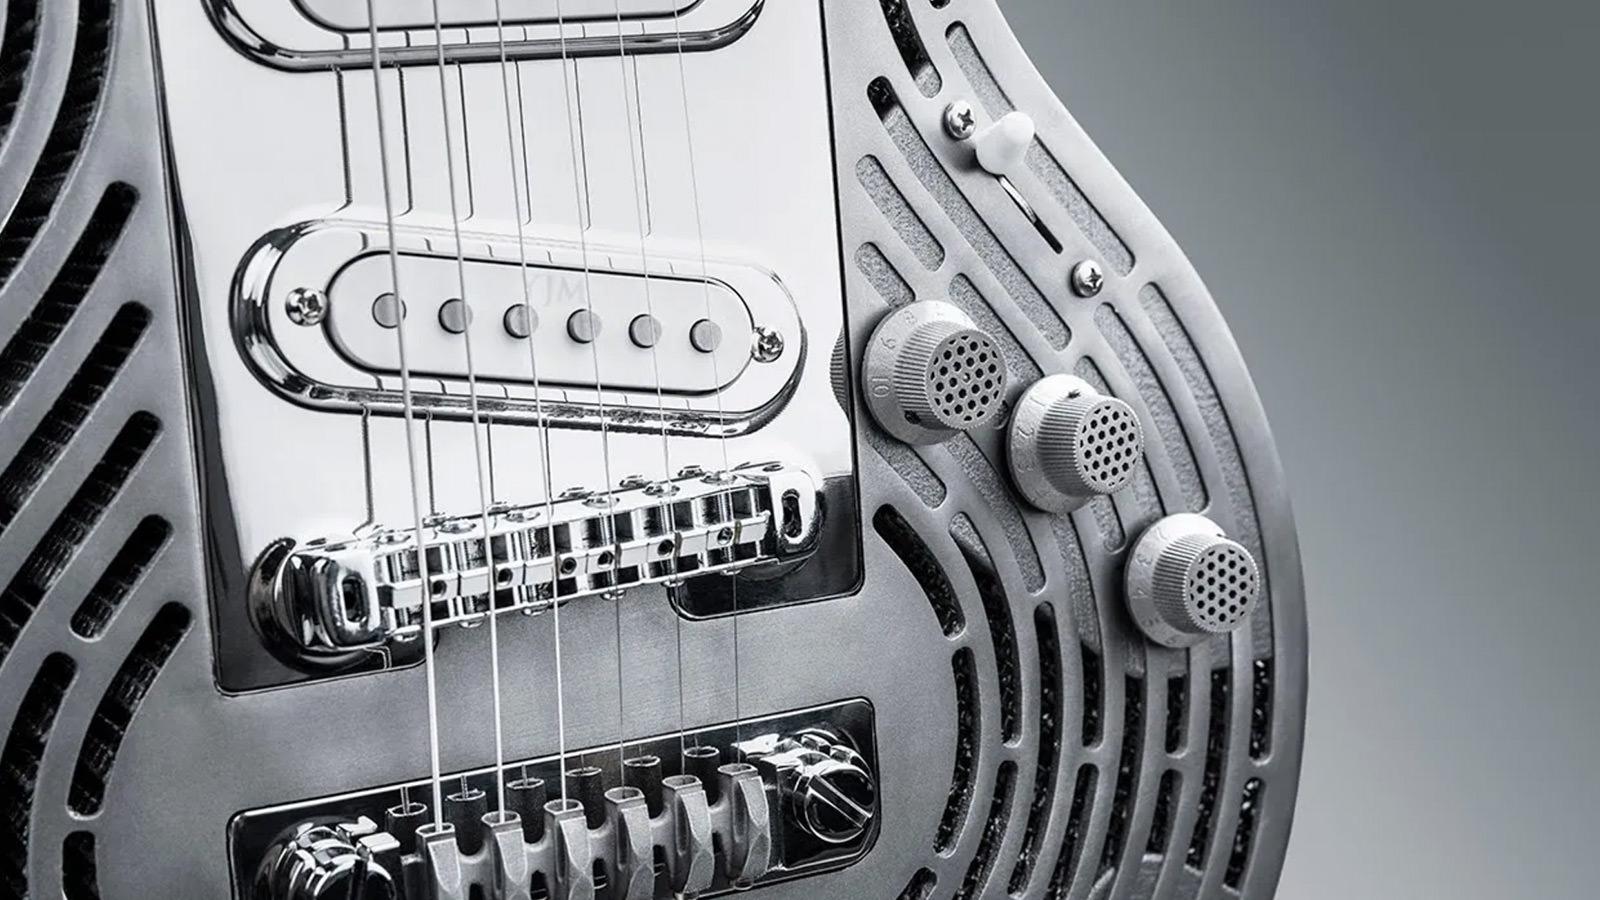 Sandvik 3D Printed Smash-Proof Guitar